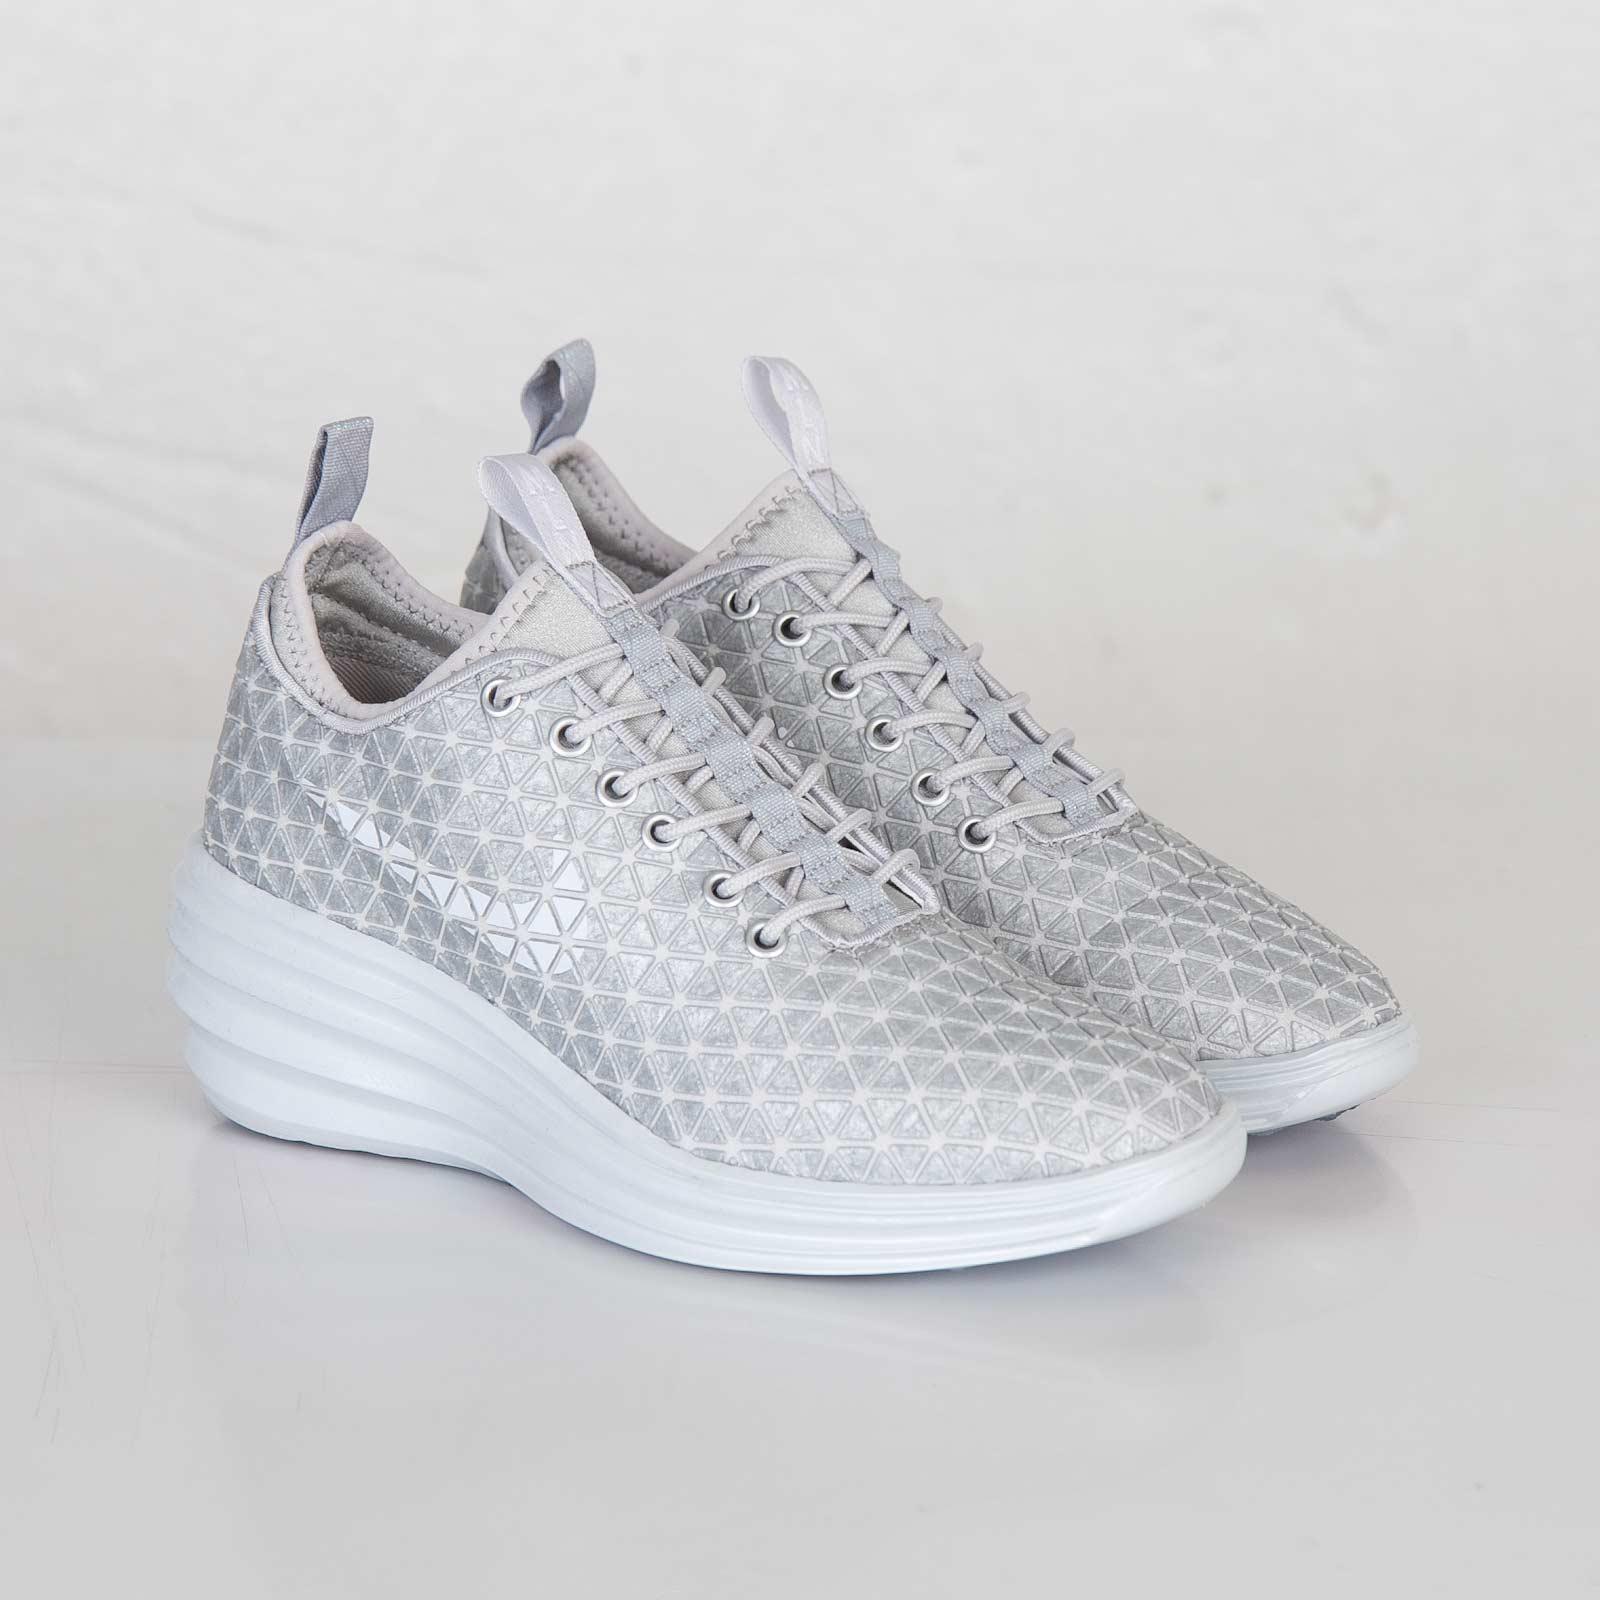 new styles 85181 658a7 Nike Wmns Lunarelite Sky Hi FW QS